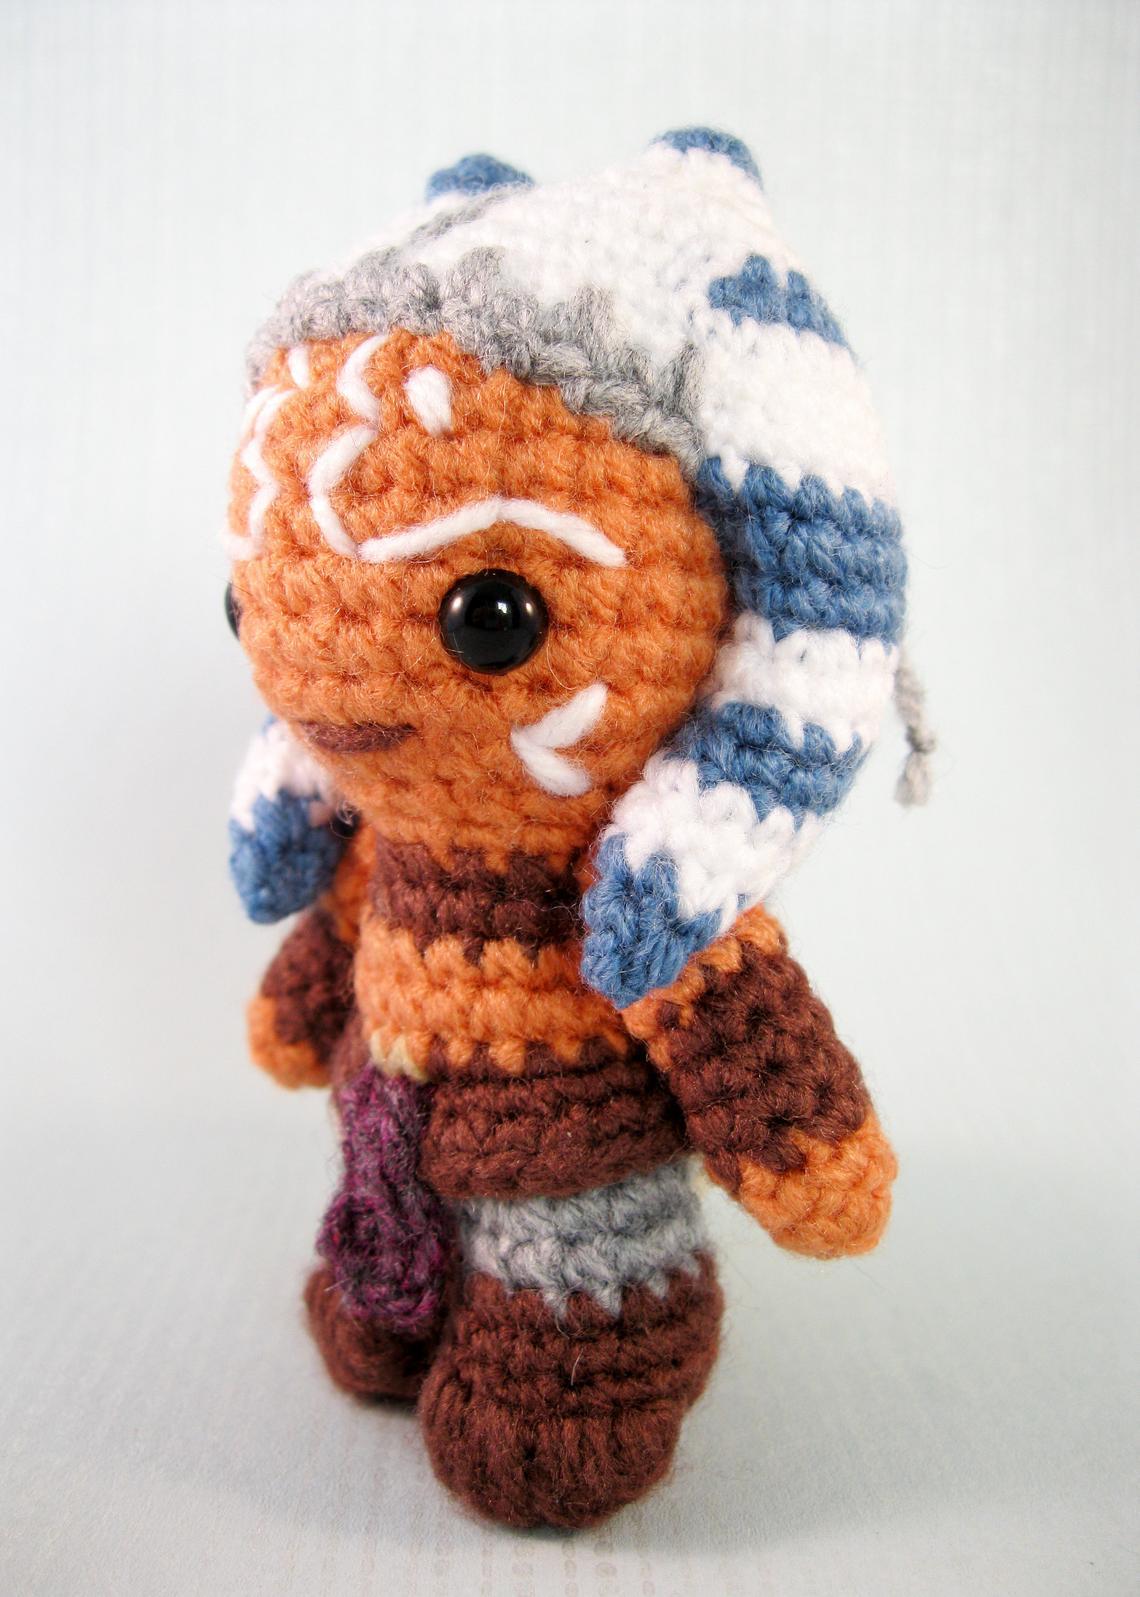 Crochet Ahsoka Tano from Star Wars